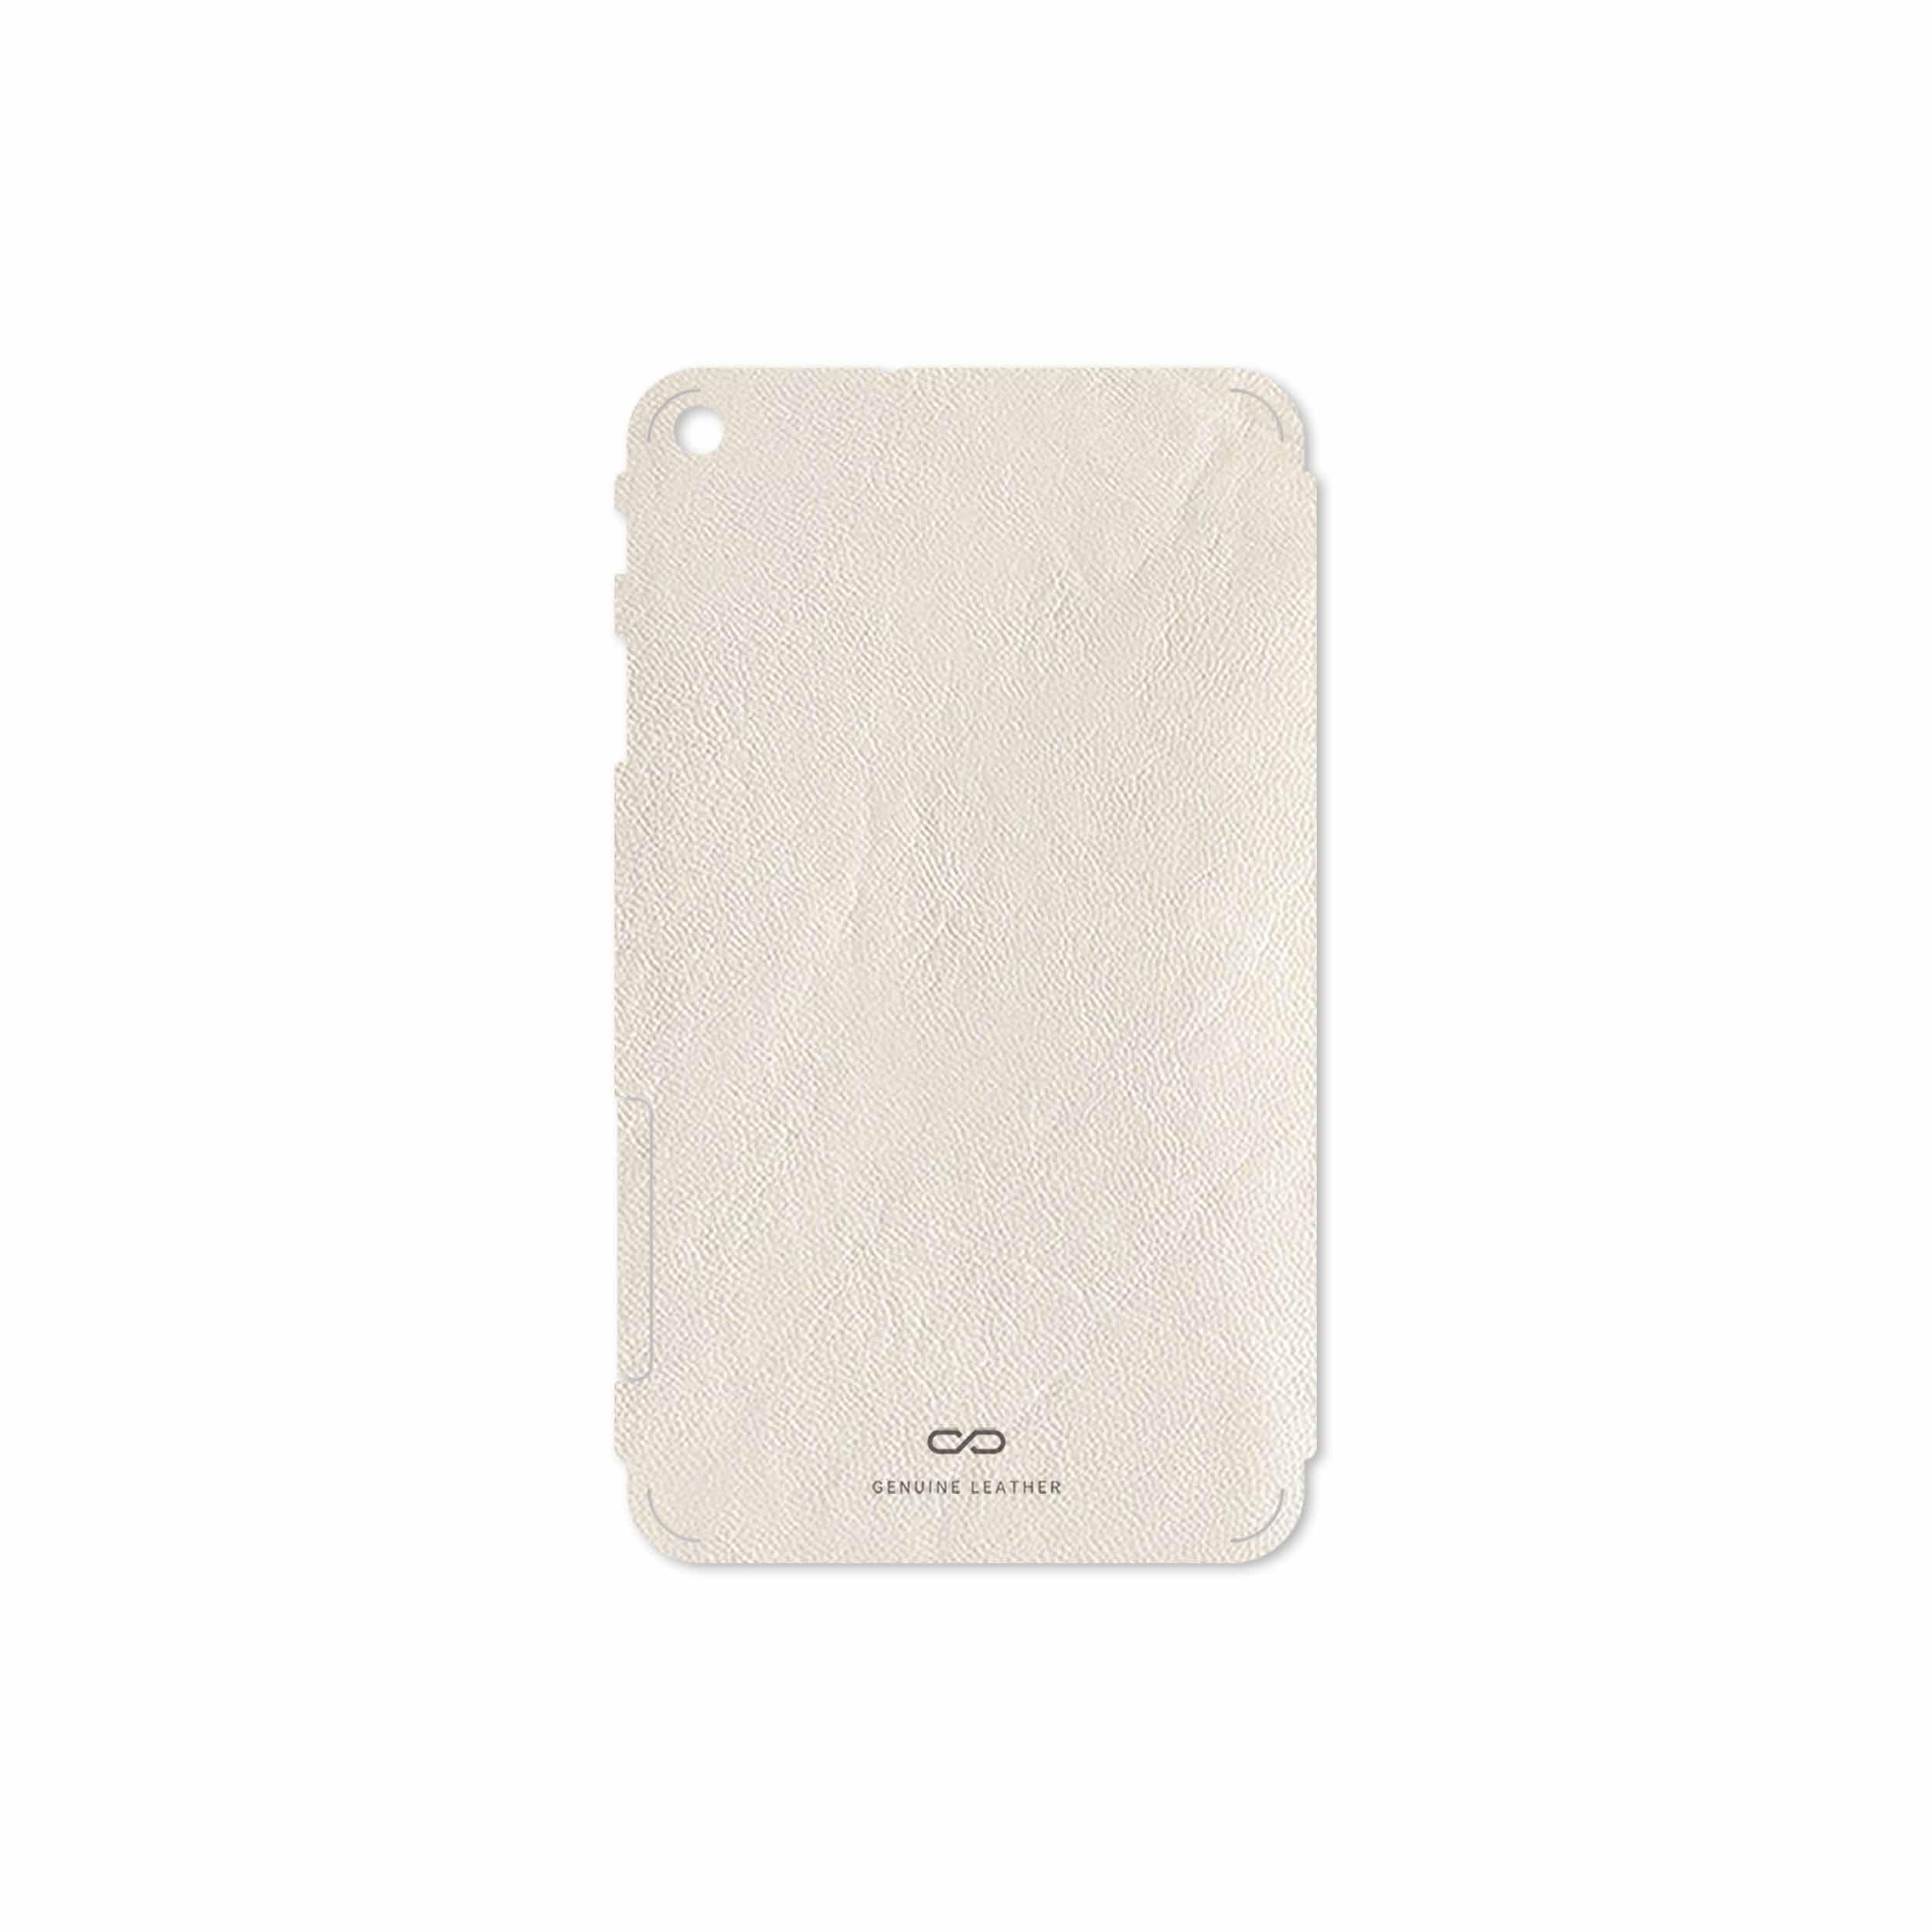 بررسی و خرید [با تخفیف]                                     برچسب پوششی ماهوت مدل Corn-Silk-Leather مناسب برای تبلت هوآوی Mediapad T1 7.0 2015                             اورجینال